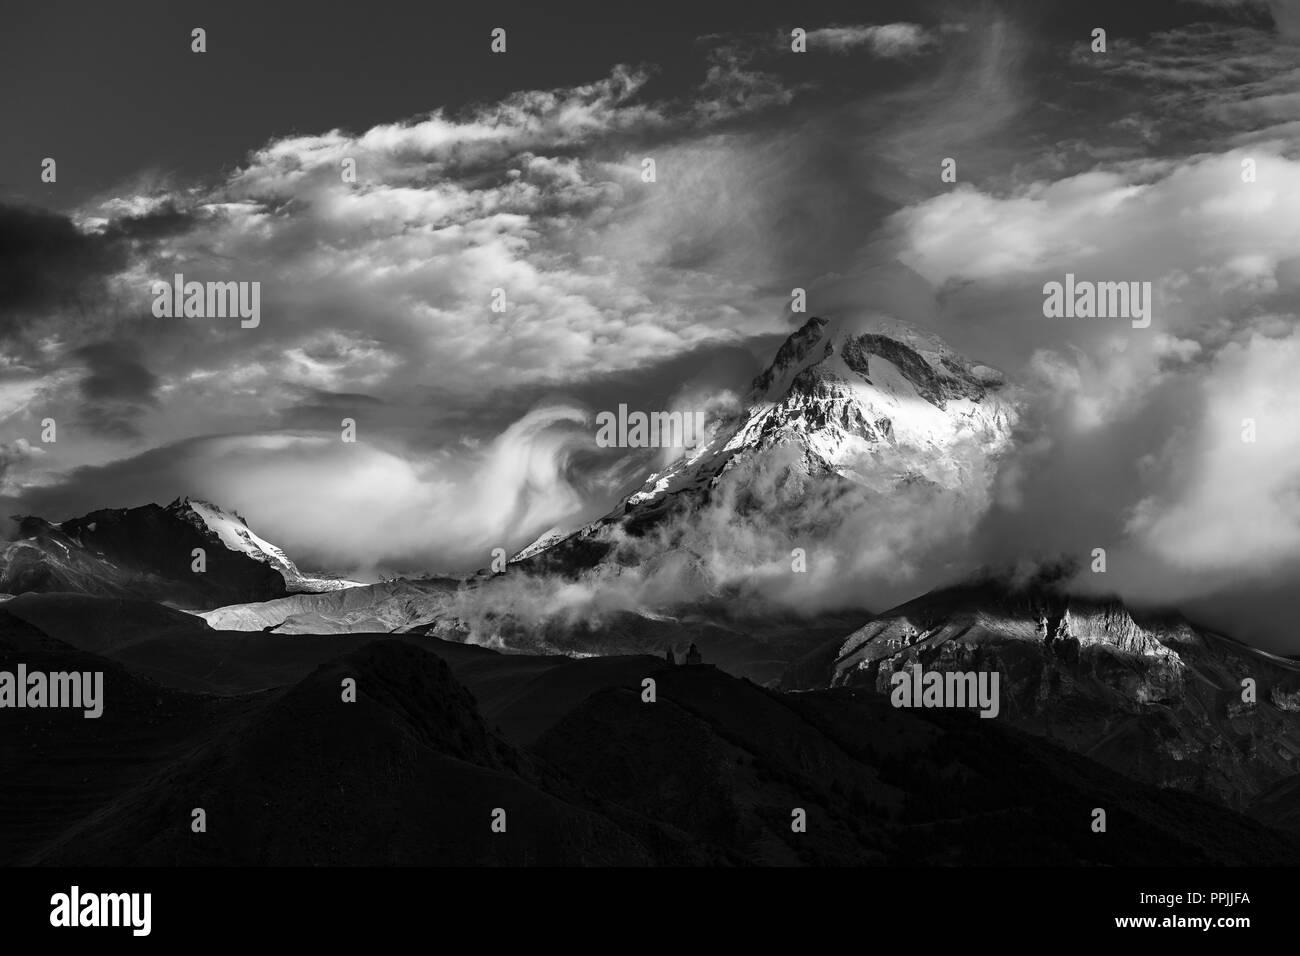 Kazbek top view from stepantsminda village. Georgia mountain peak. Black and white photo - Stock Image